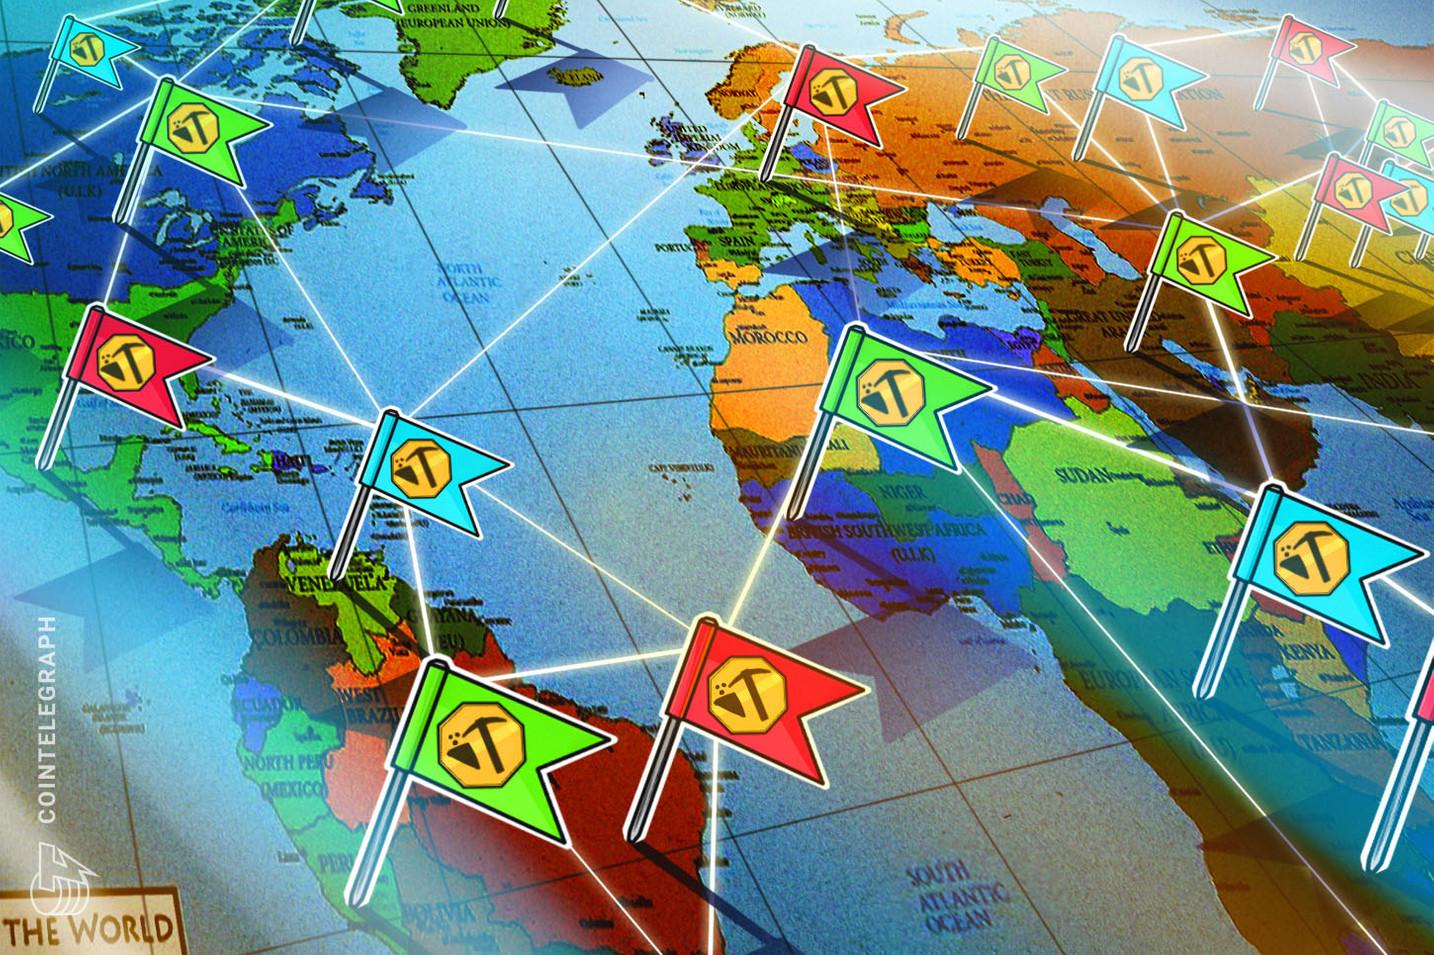 블록체인 해외송금 리플, '페이ID'로 간편송금 지원